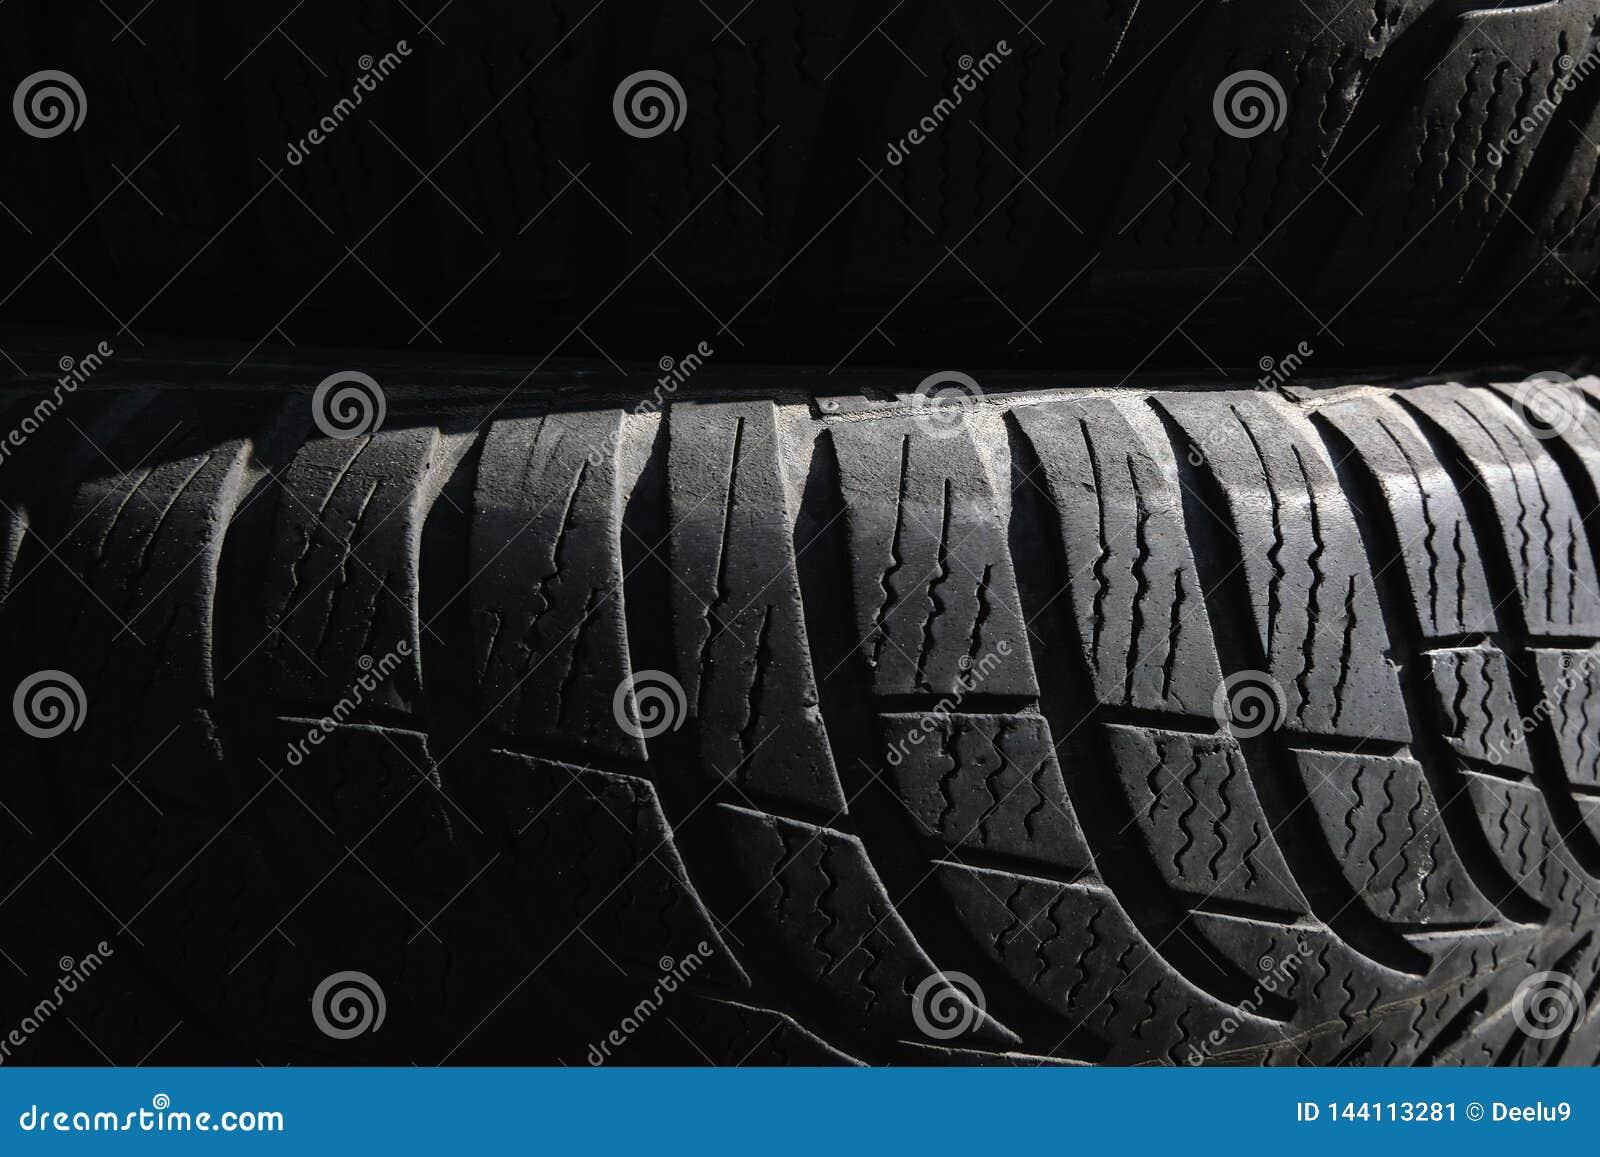 Μαύρη εικόνα υποβάθρου ελαστικών αυτοκινήτου Μαύρη σύσταση, σκηνικό